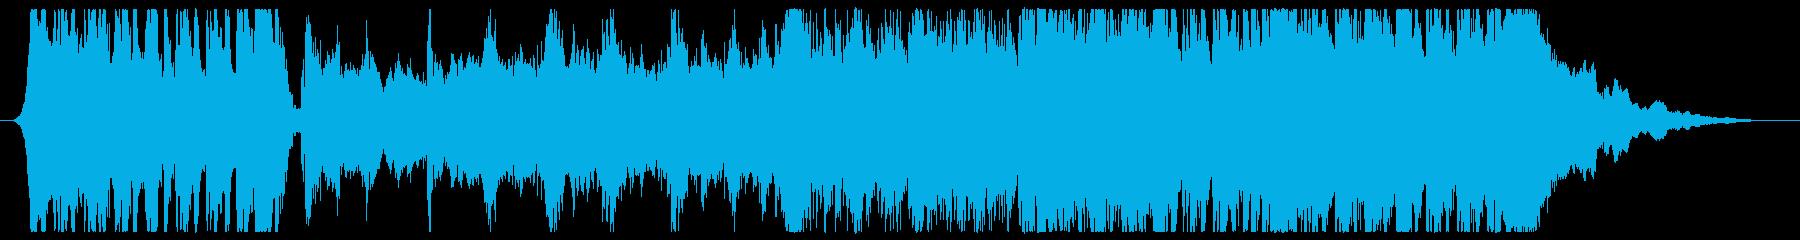 古代風ダークファンタジーの冒頭っぽい曲の再生済みの波形